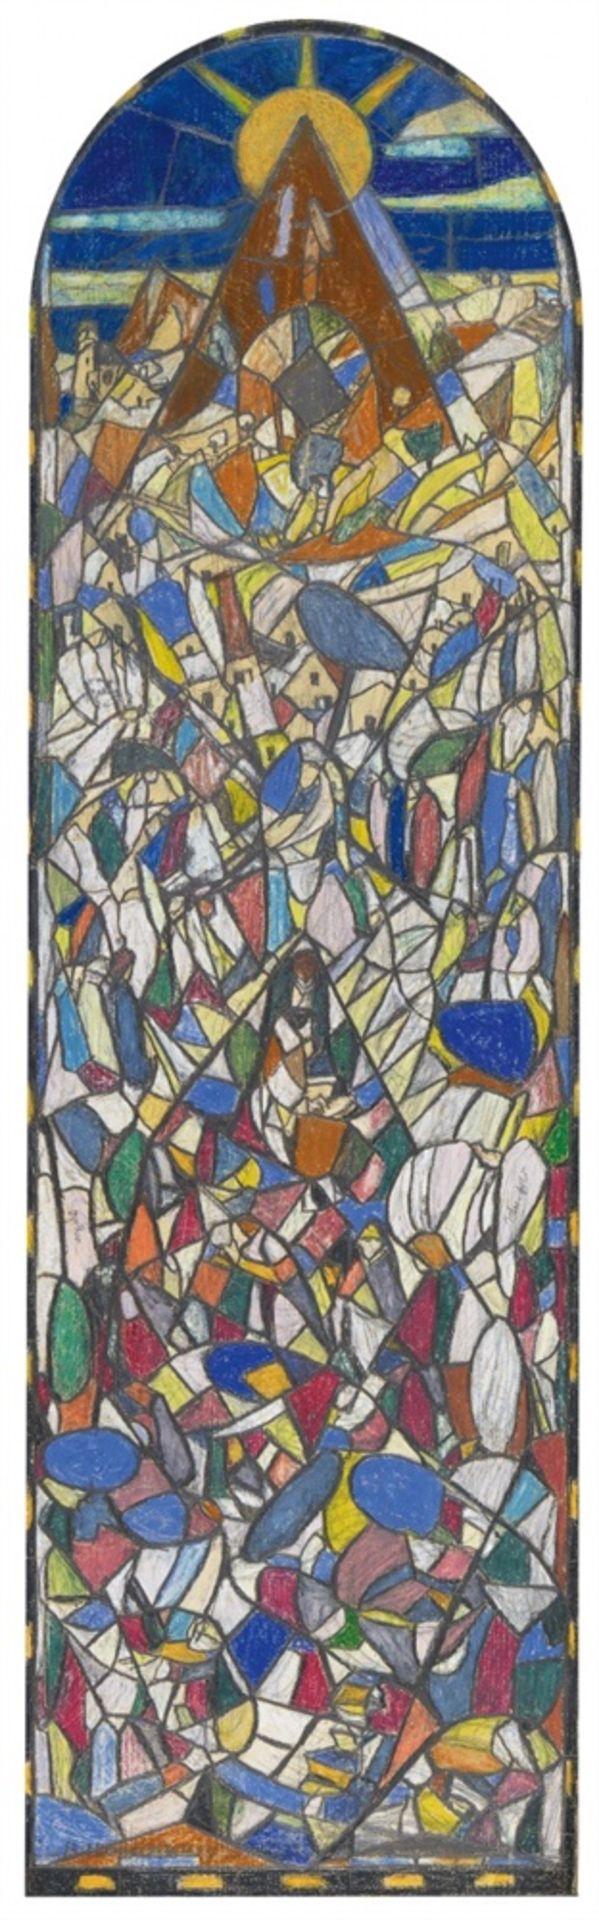 Adolf HölzelEntwurf für das Glasfenster im Bibliothekszimmer Dr. Fulda, Lauta-Werk, Lauta/L